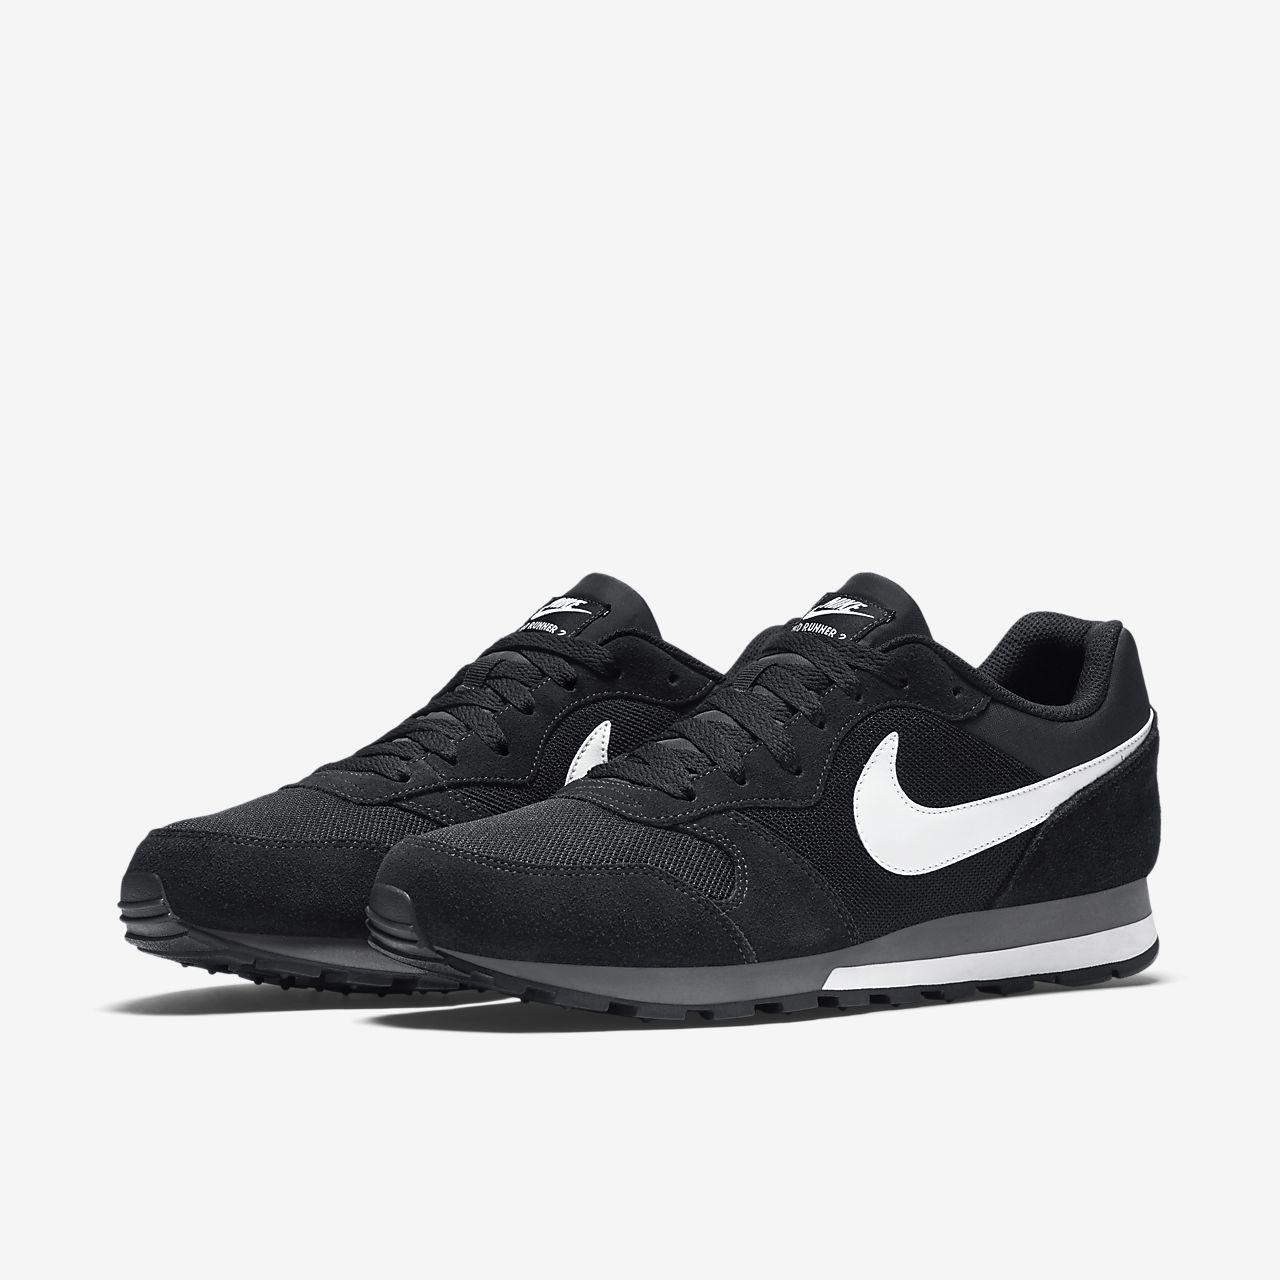 online retailer 29b53 85e4c ... Sko Nike MD Runner 2 för män